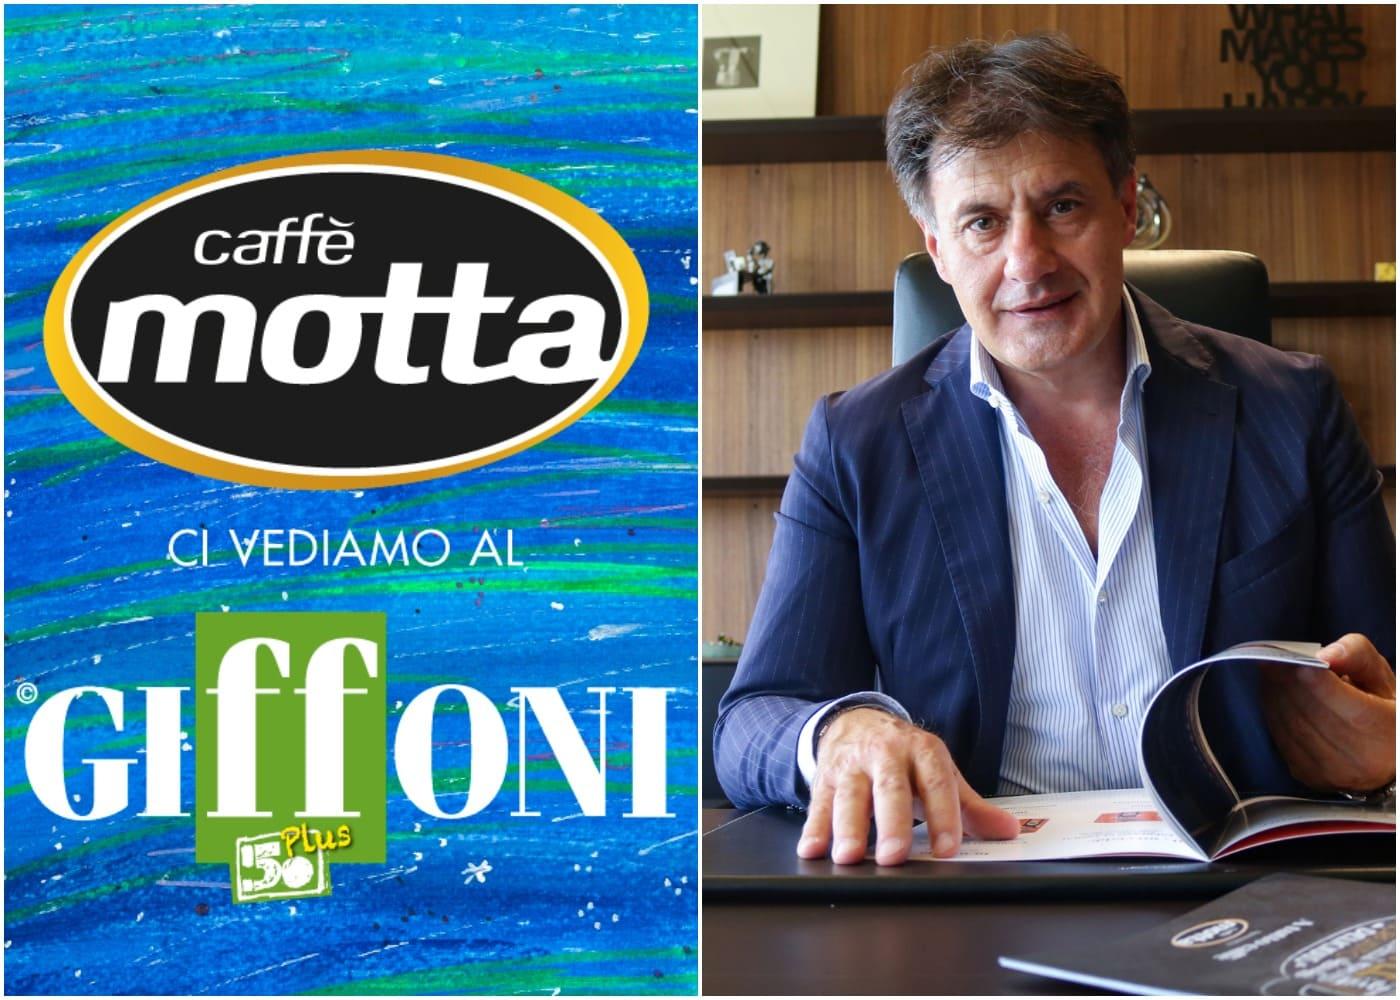 Caffè Motta è partner ufficiale #Giffoni50Plus